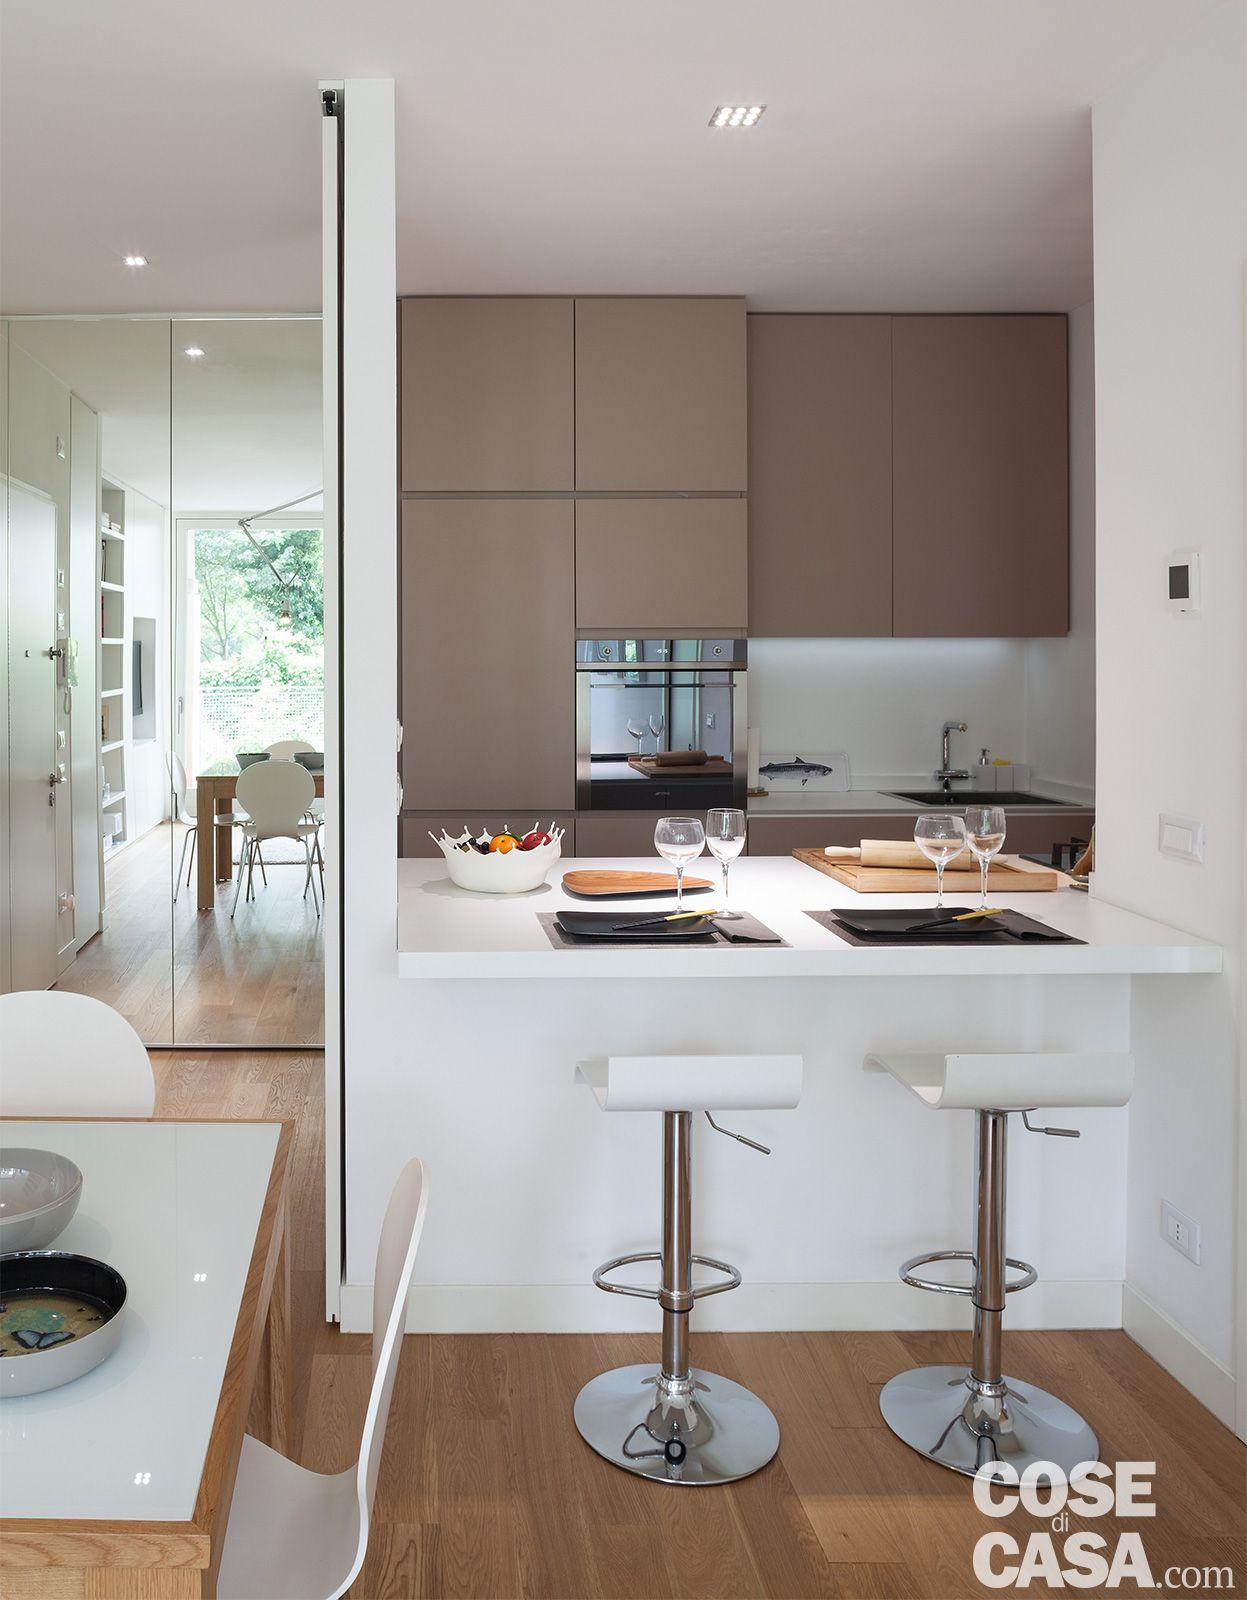 52 Mq Una Casa Che Sembra Piu Grande Interior Design Per La